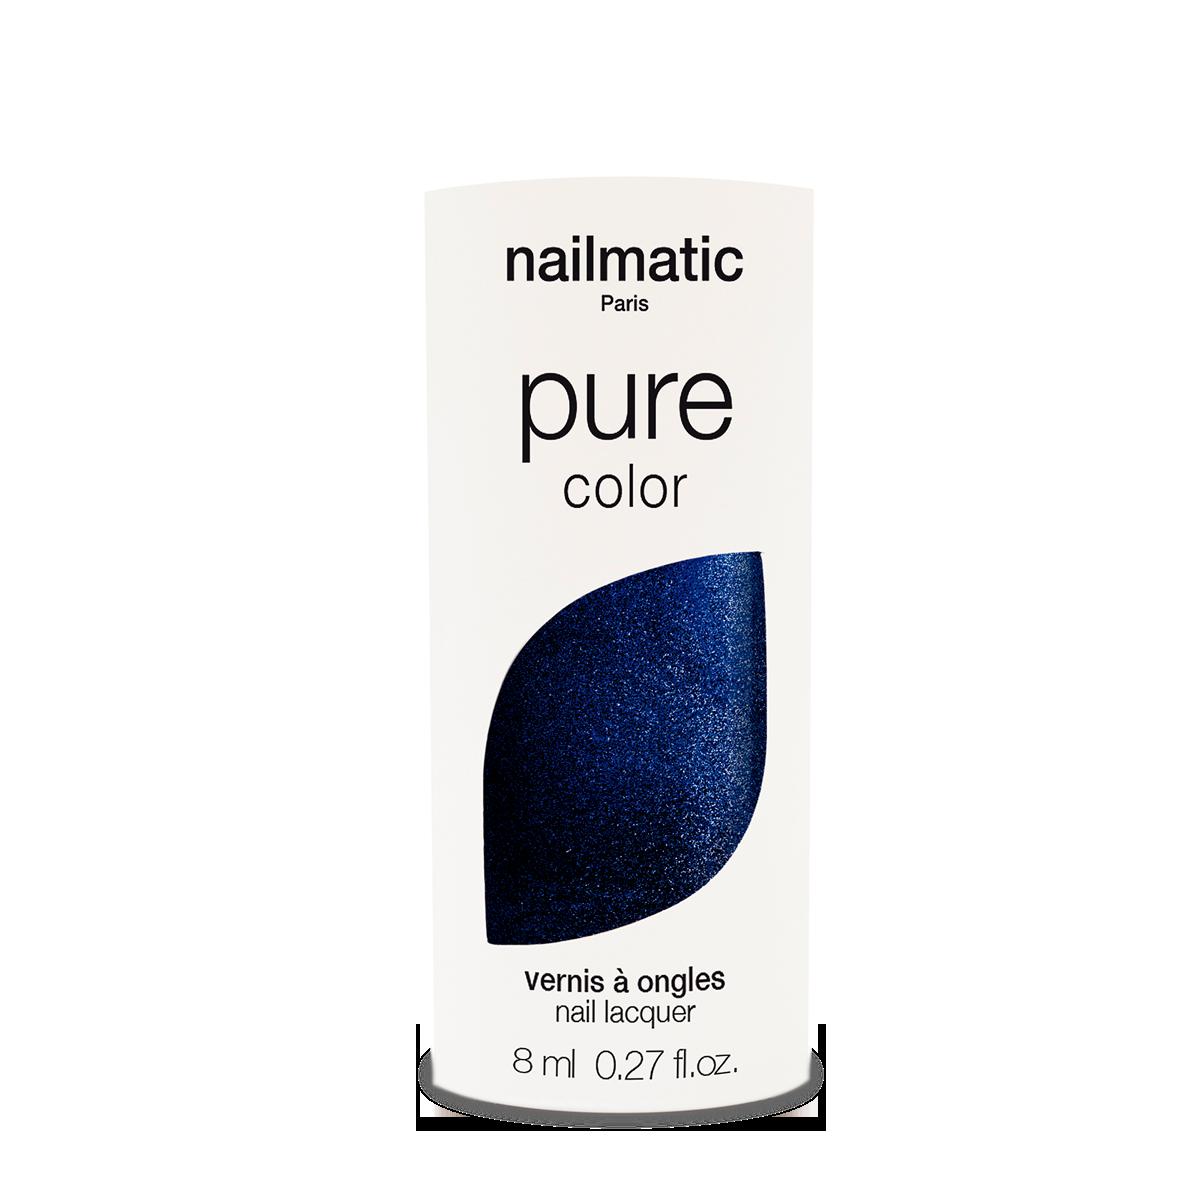 Nailmatic PURE Marnie Midnight Blue Shimmer Bio-Based Nail Polish